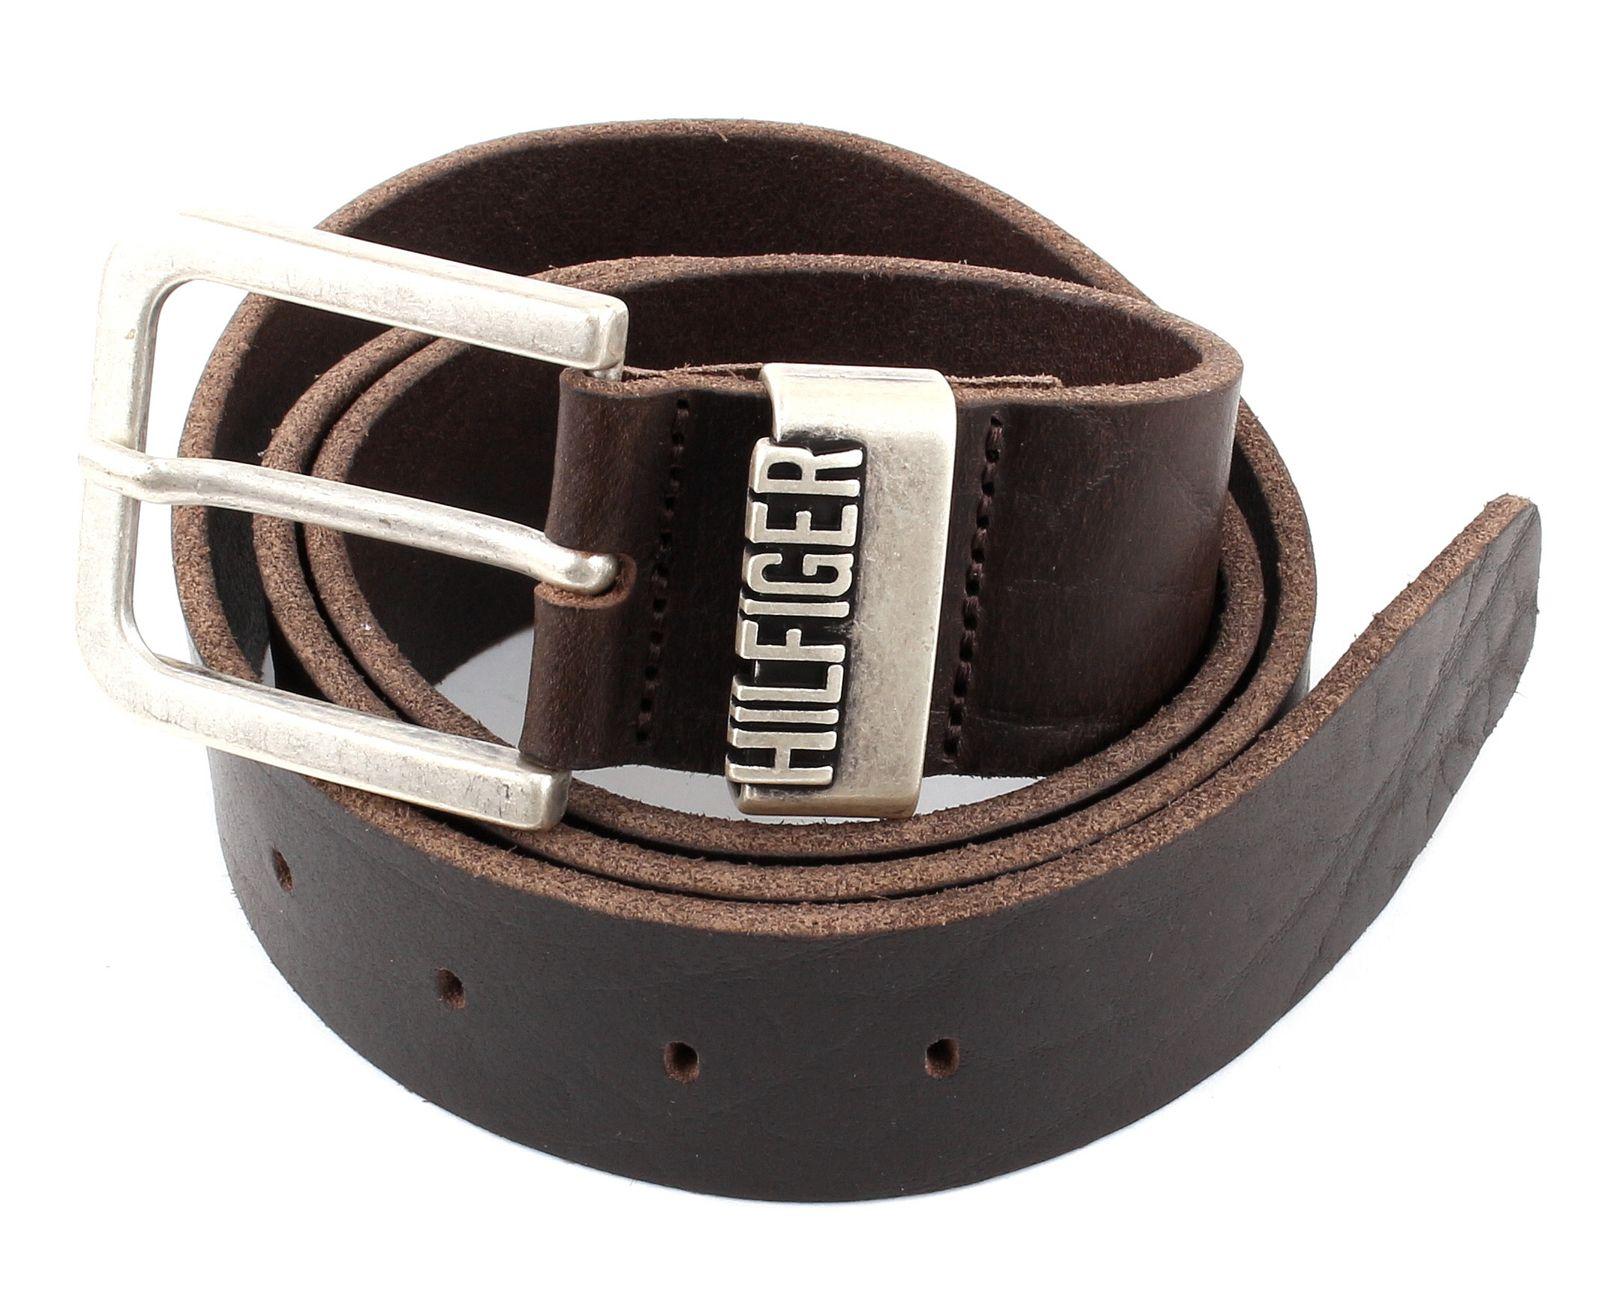 tommy hilfiger denim belt original hilfiger w80 dark brown ebay. Black Bedroom Furniture Sets. Home Design Ideas